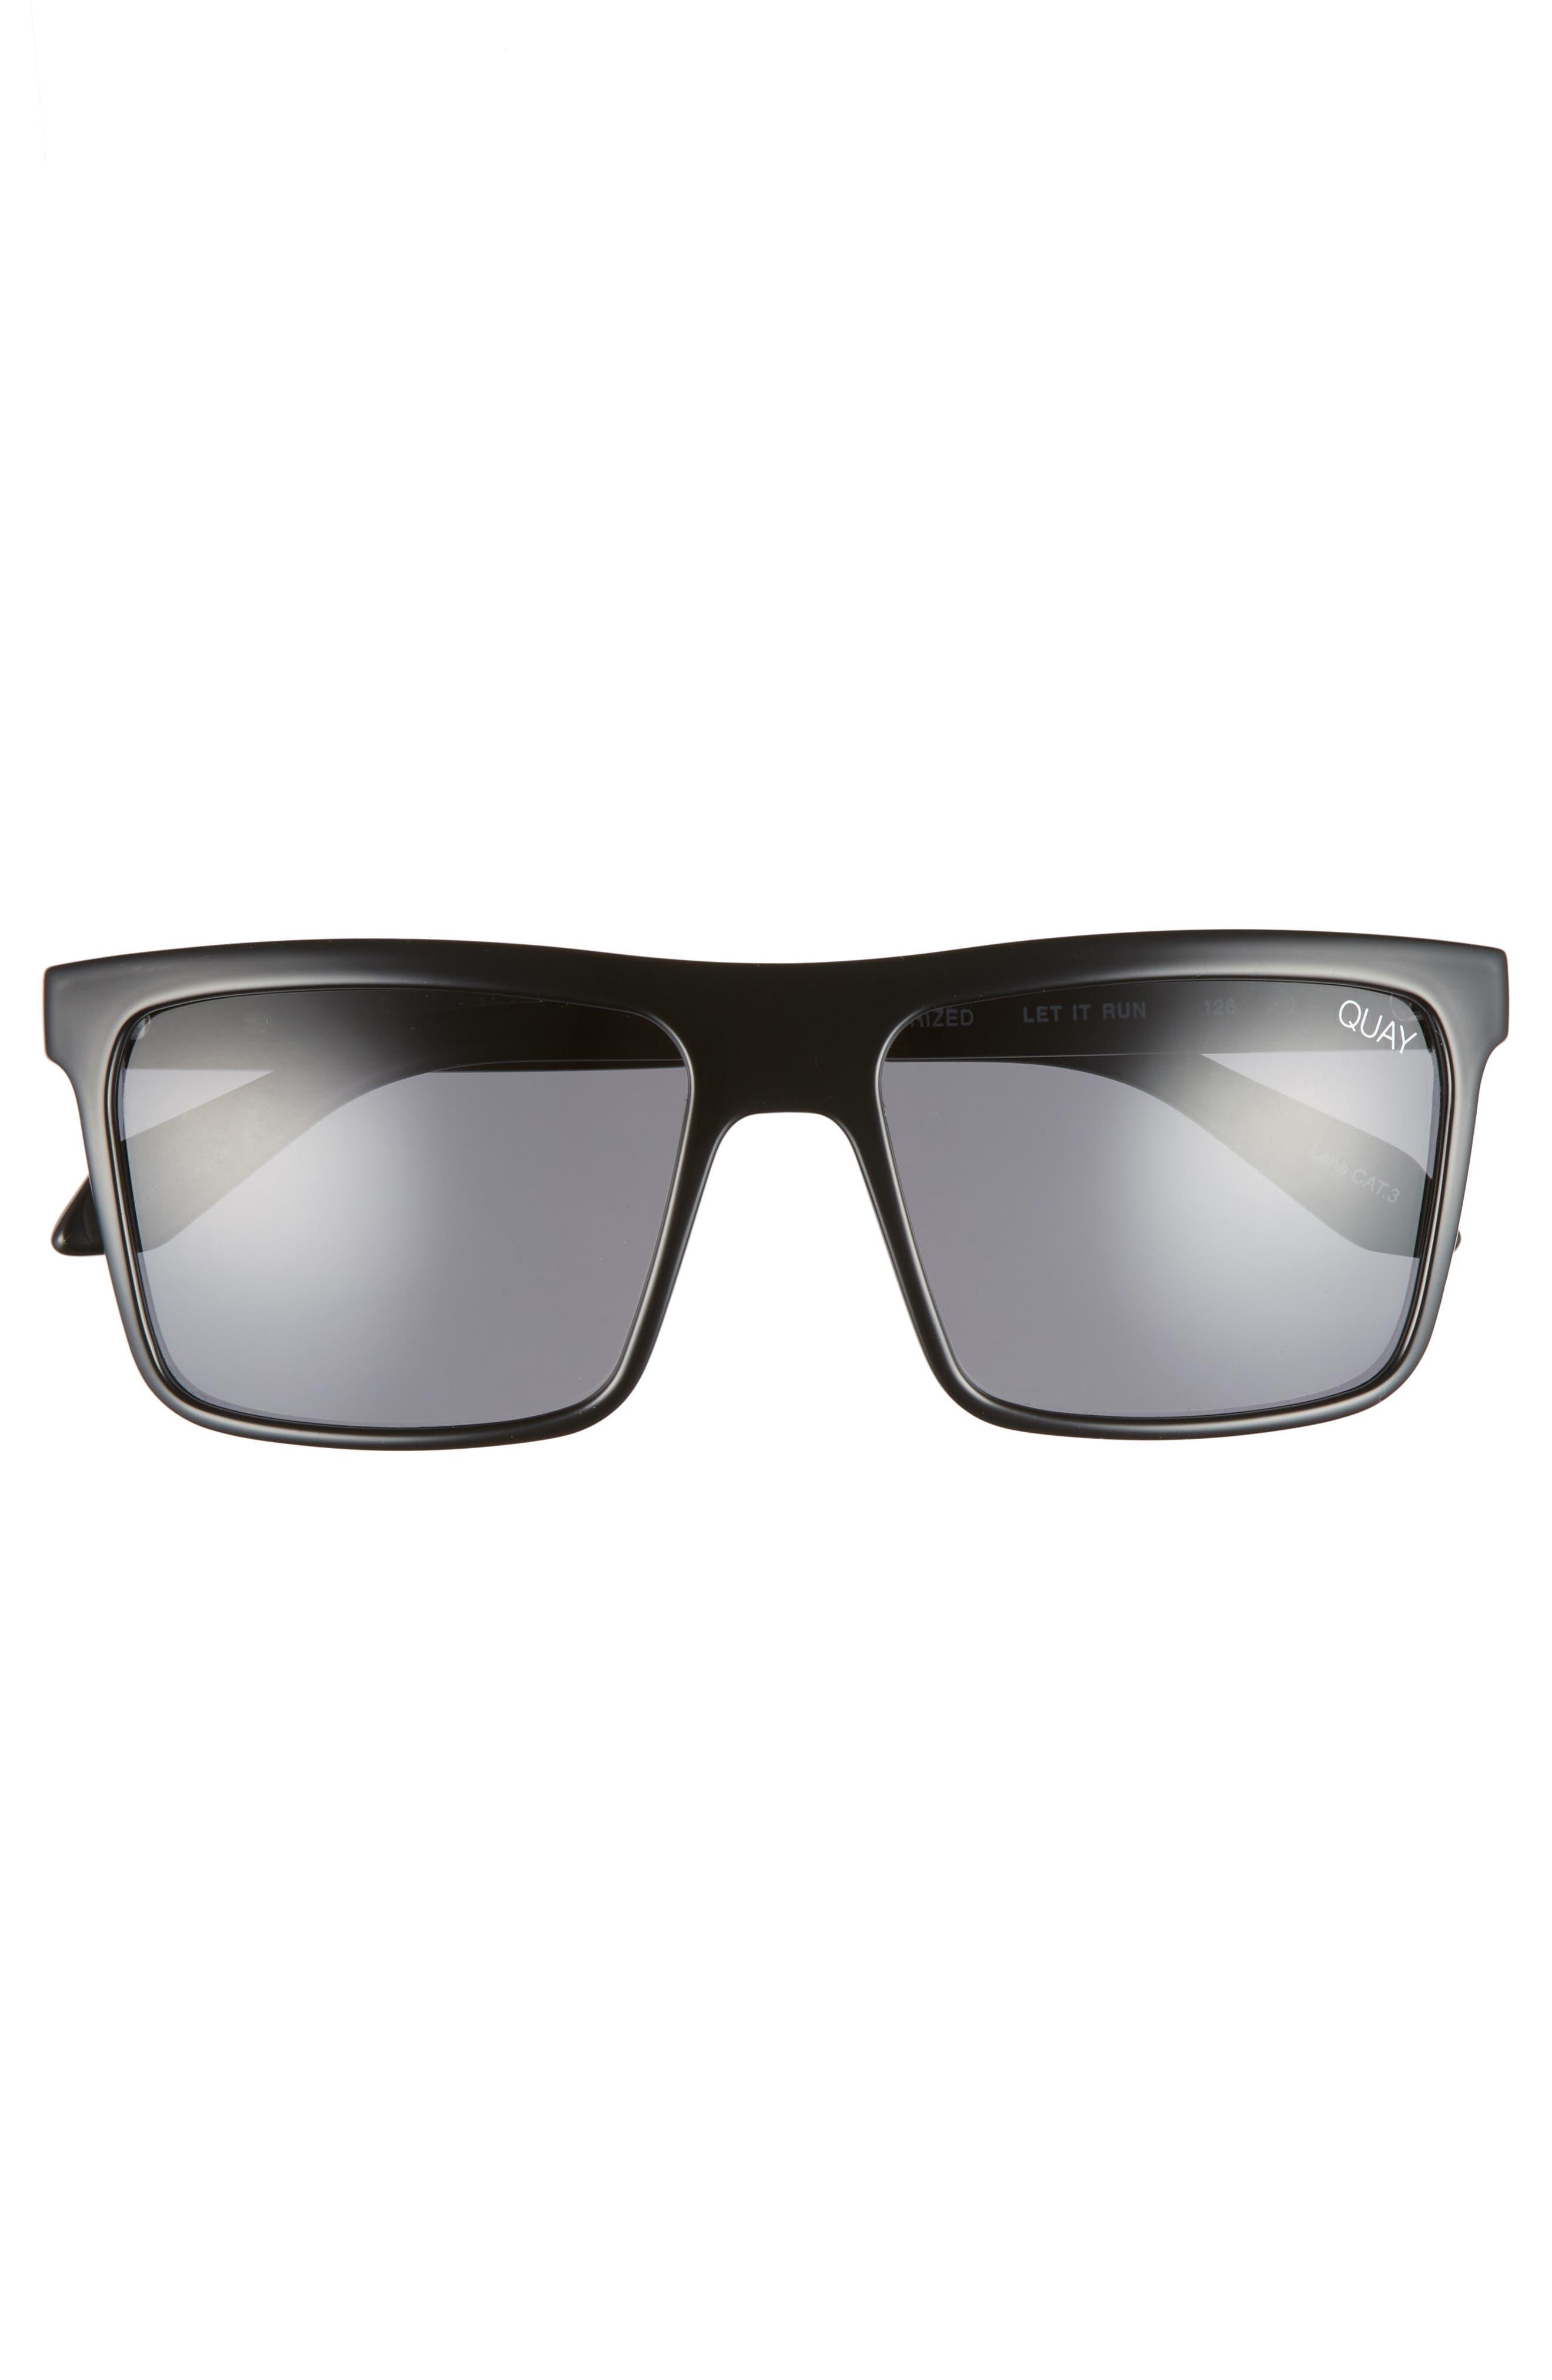 ,                             Let It Run 57mm Polarized Sunglasses,                             Alternate thumbnail 2, color,                             BLACK / SMOKE LENS